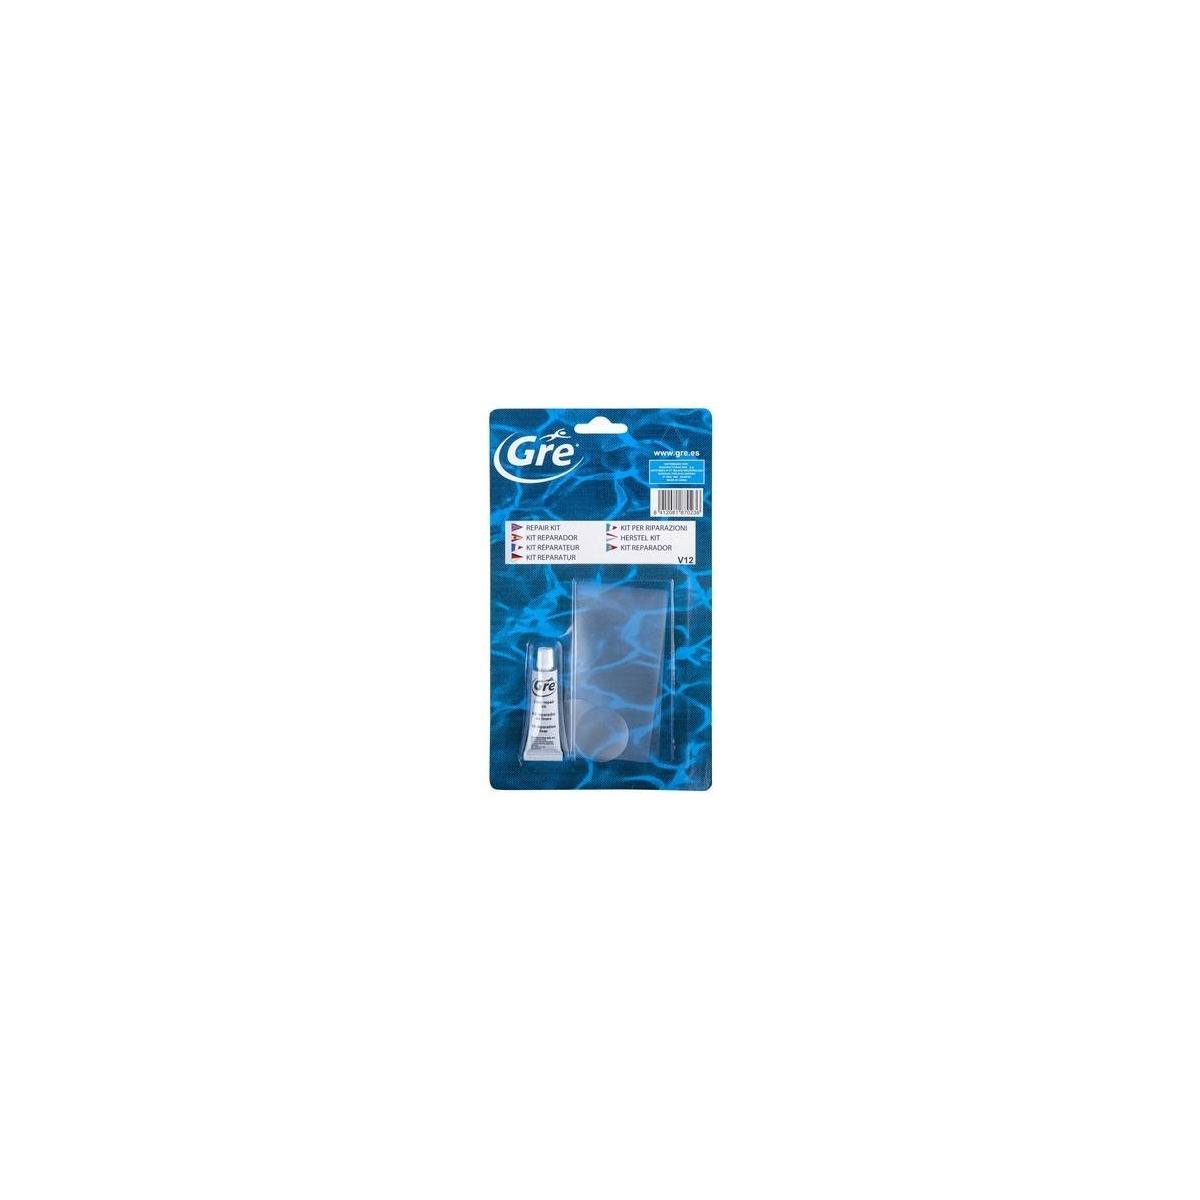 PVC repairment Kit